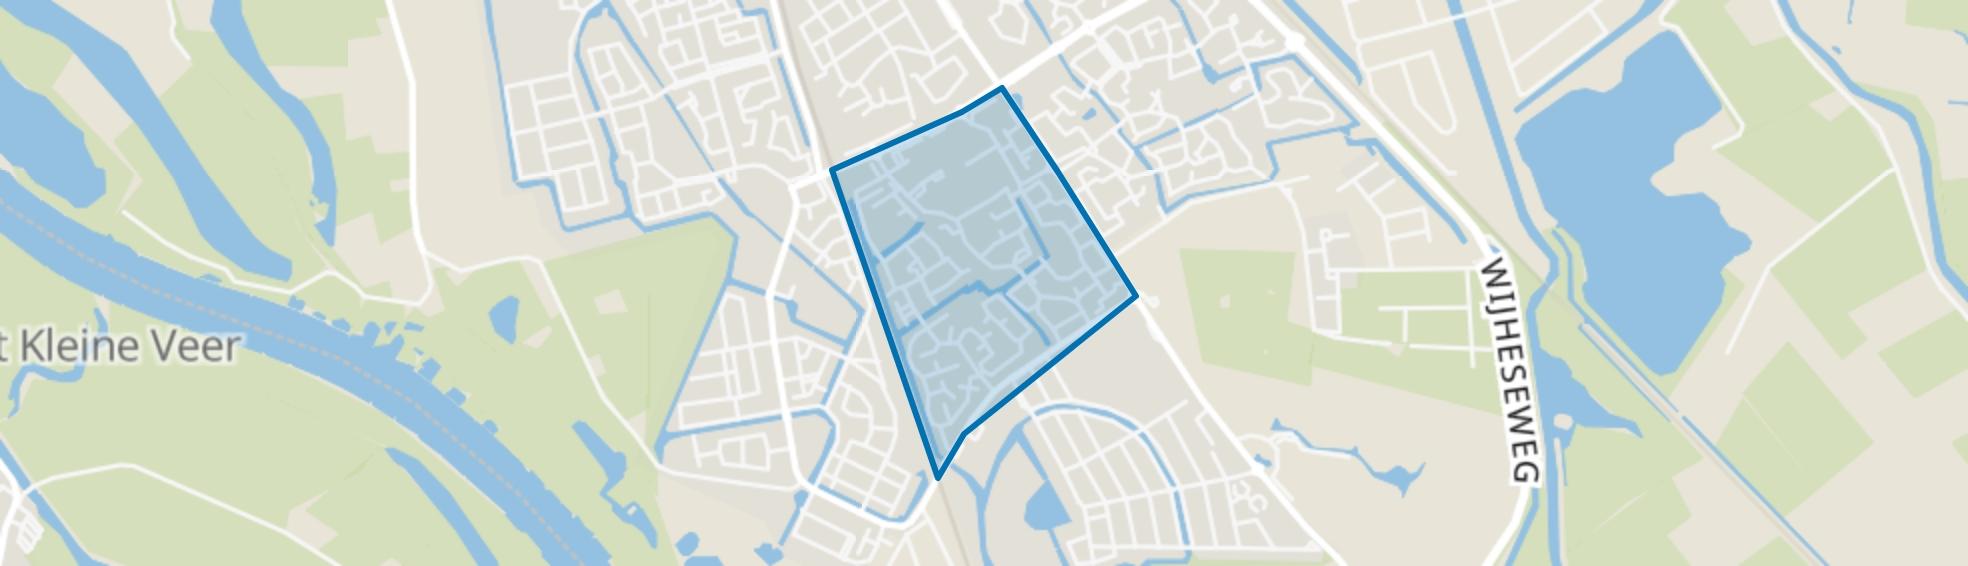 Ittersumerlanden, Zwolle map